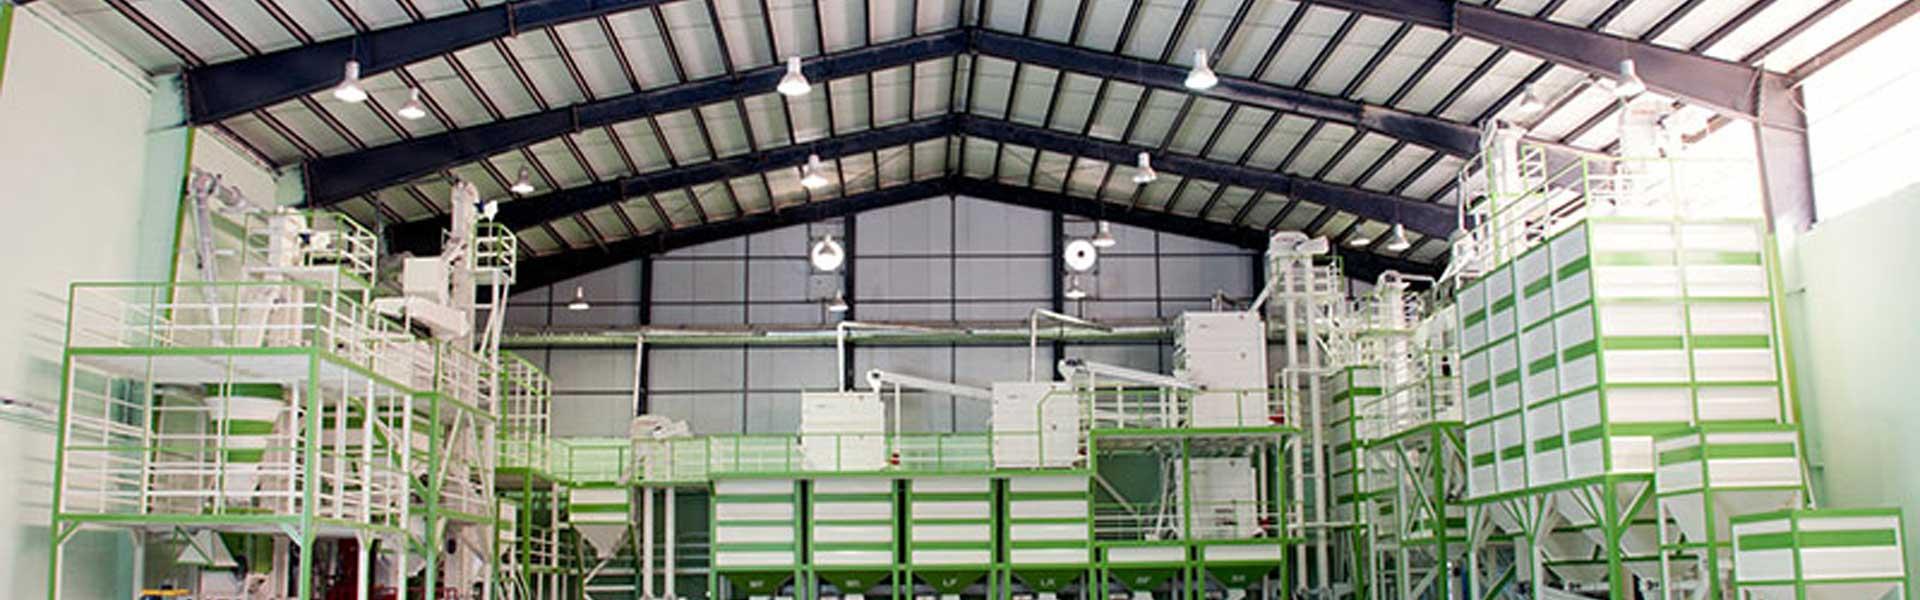 نمای داخلی کارخانه